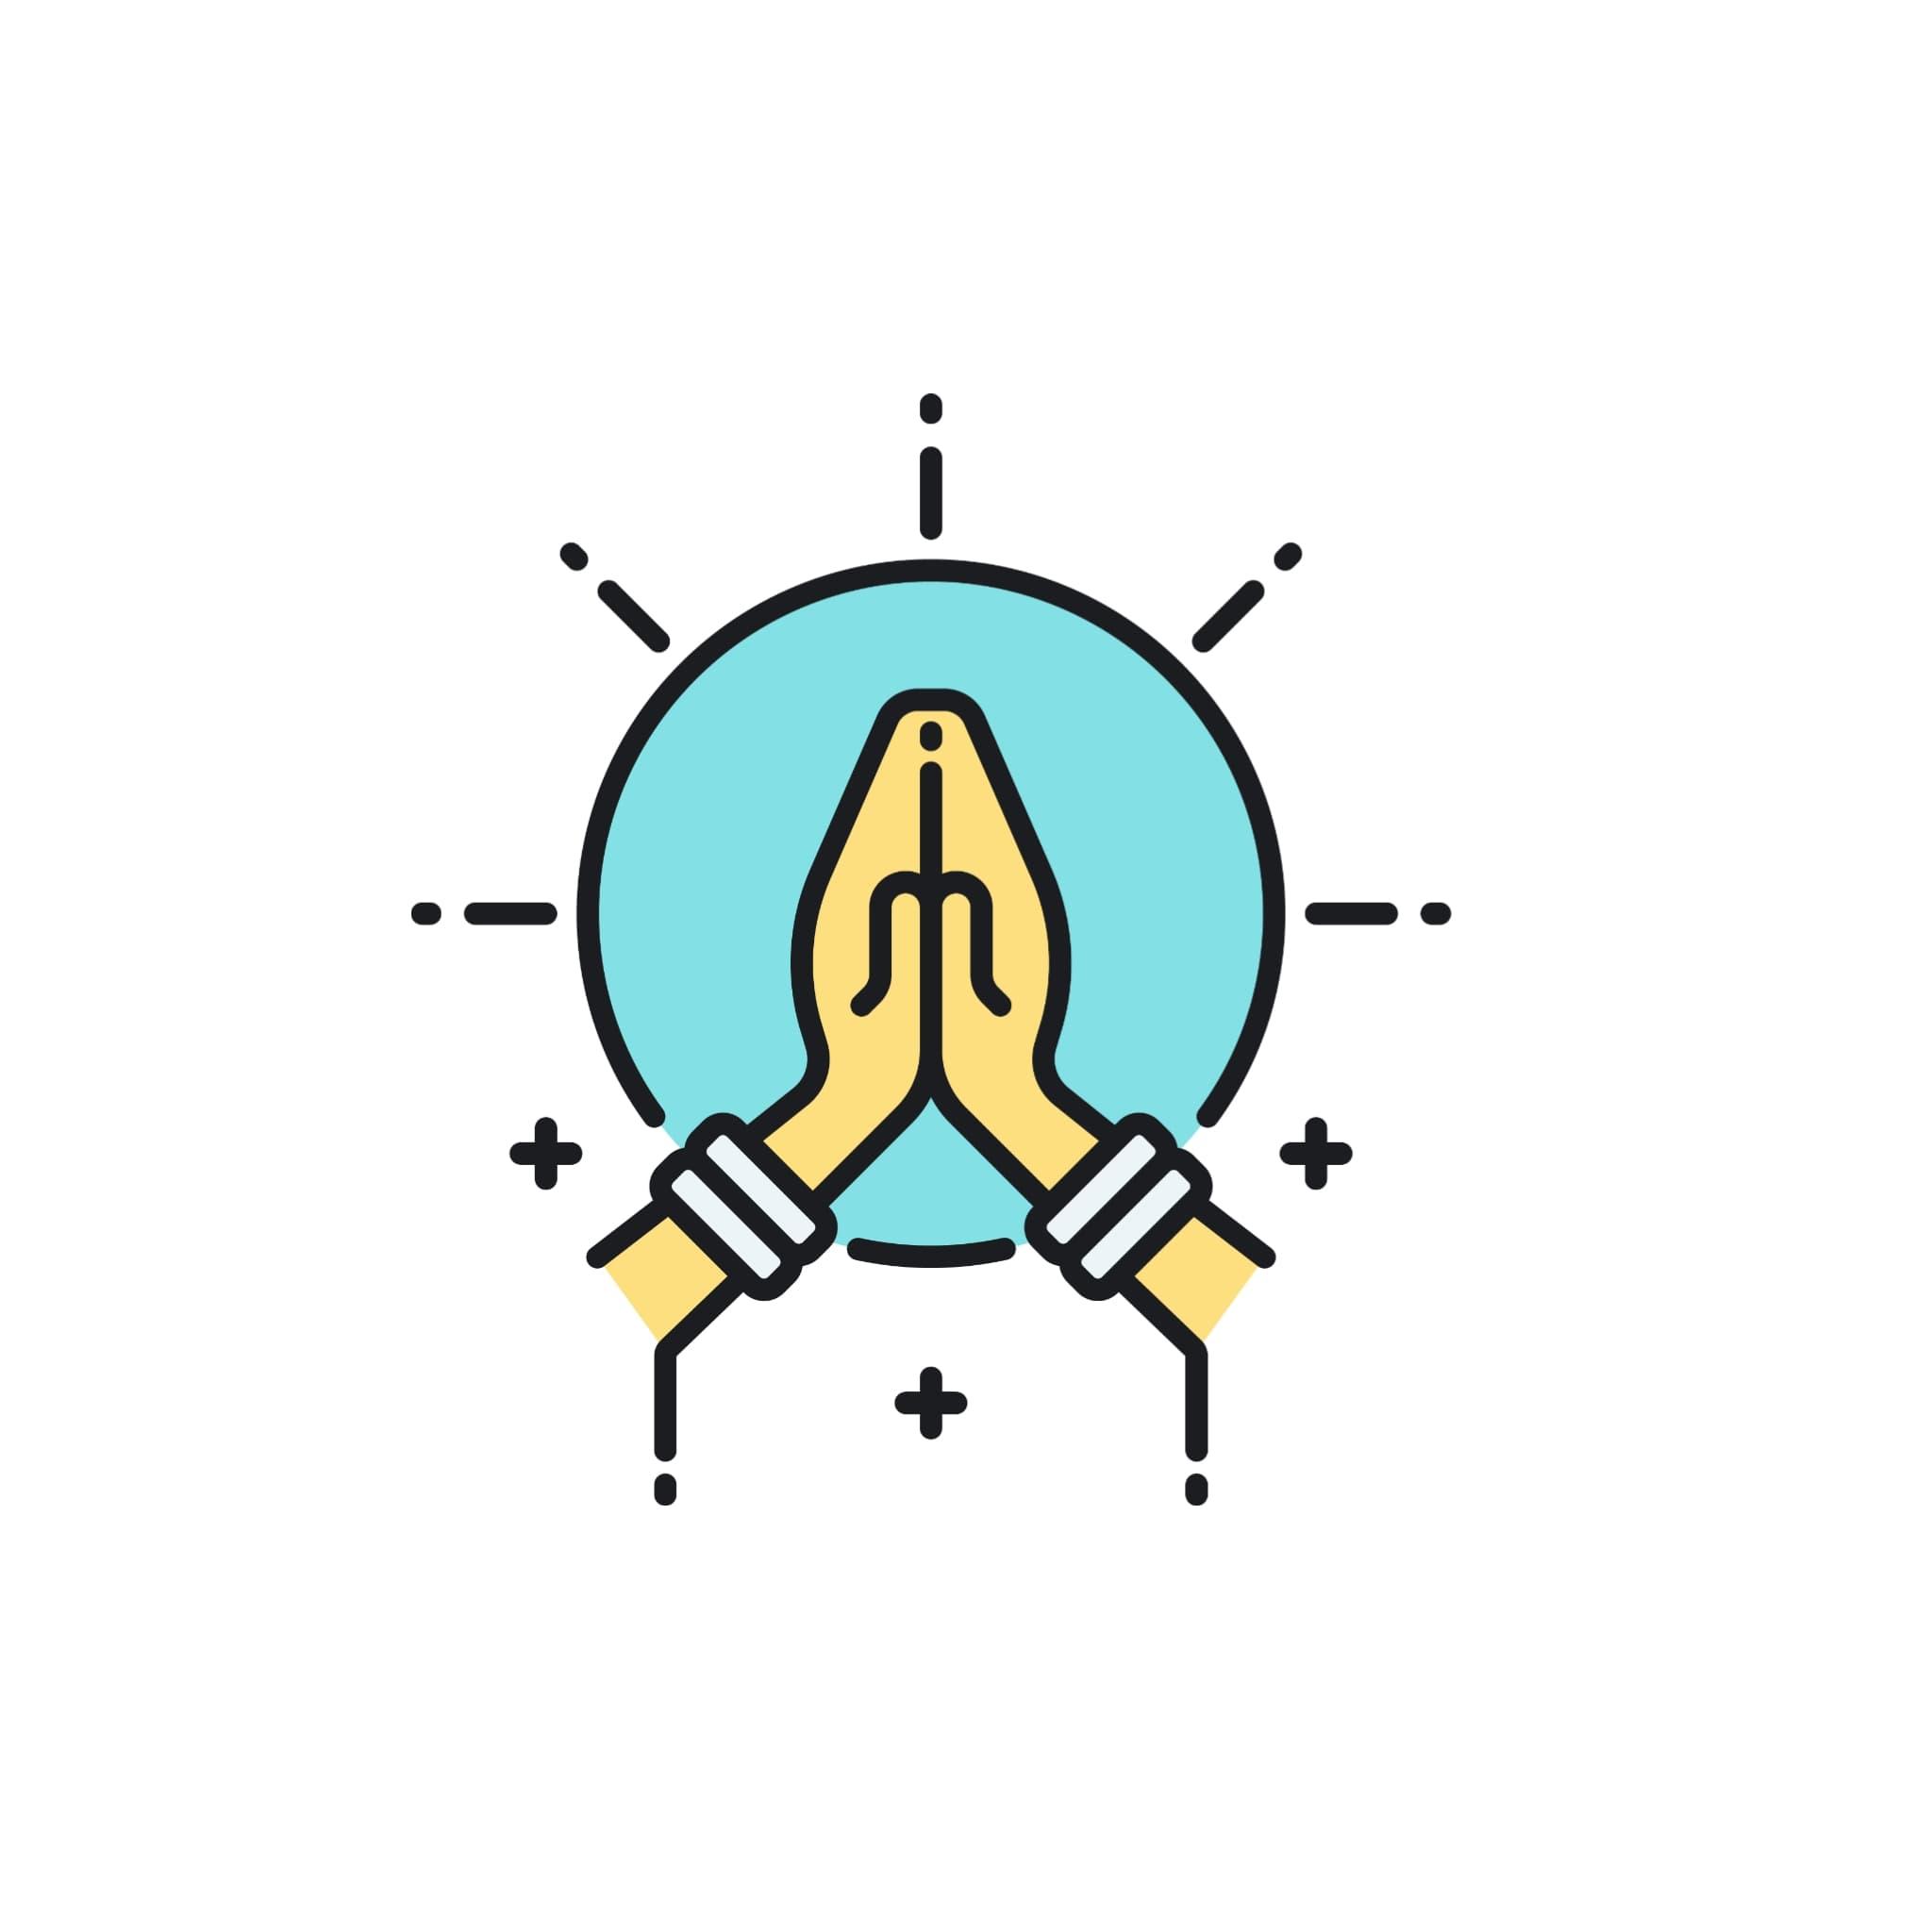 Apoyo - Durante el tiempo que trabajemos juntos, tendrán acceso a la capacitación en línea sobre la base de la integración emocional y la meditación.Date cuenta que la mayor transformación ocurre en nuestra vida cotidiana, por lo que es importante aprender las técnicas básicas que lo ayudarán a tener más éxito.